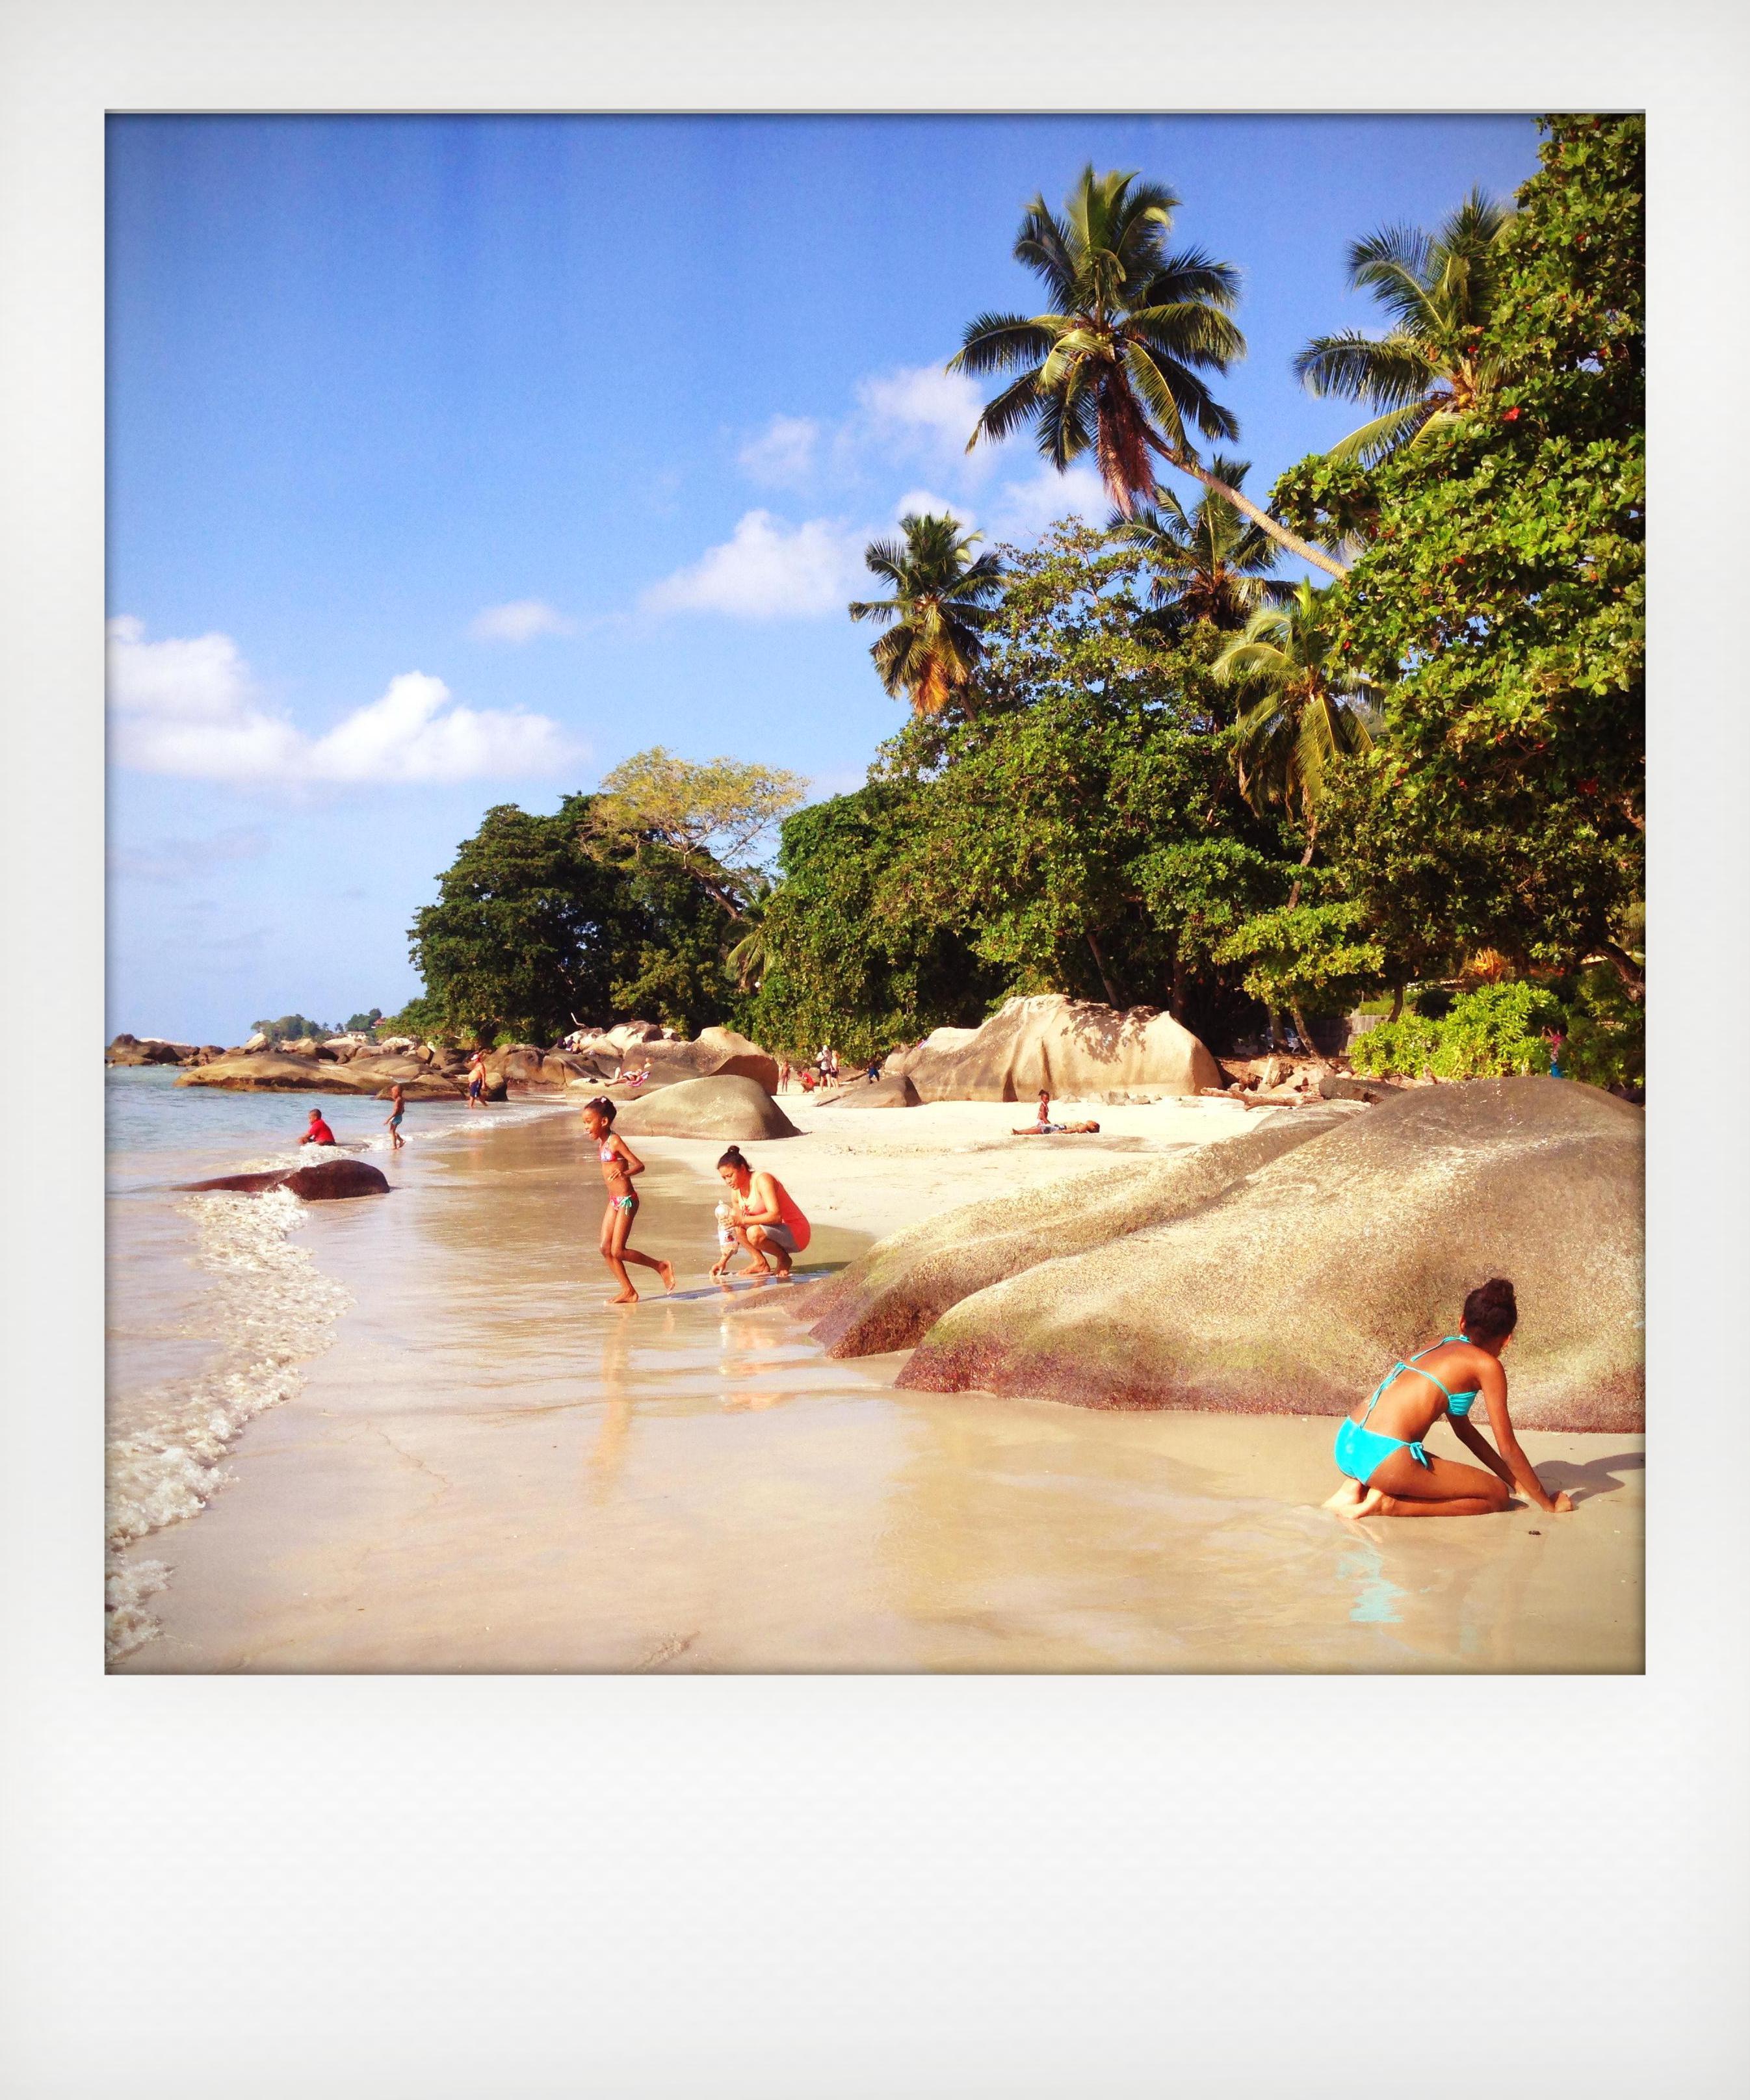 Viaggi all'estero con bambini - Seychelles